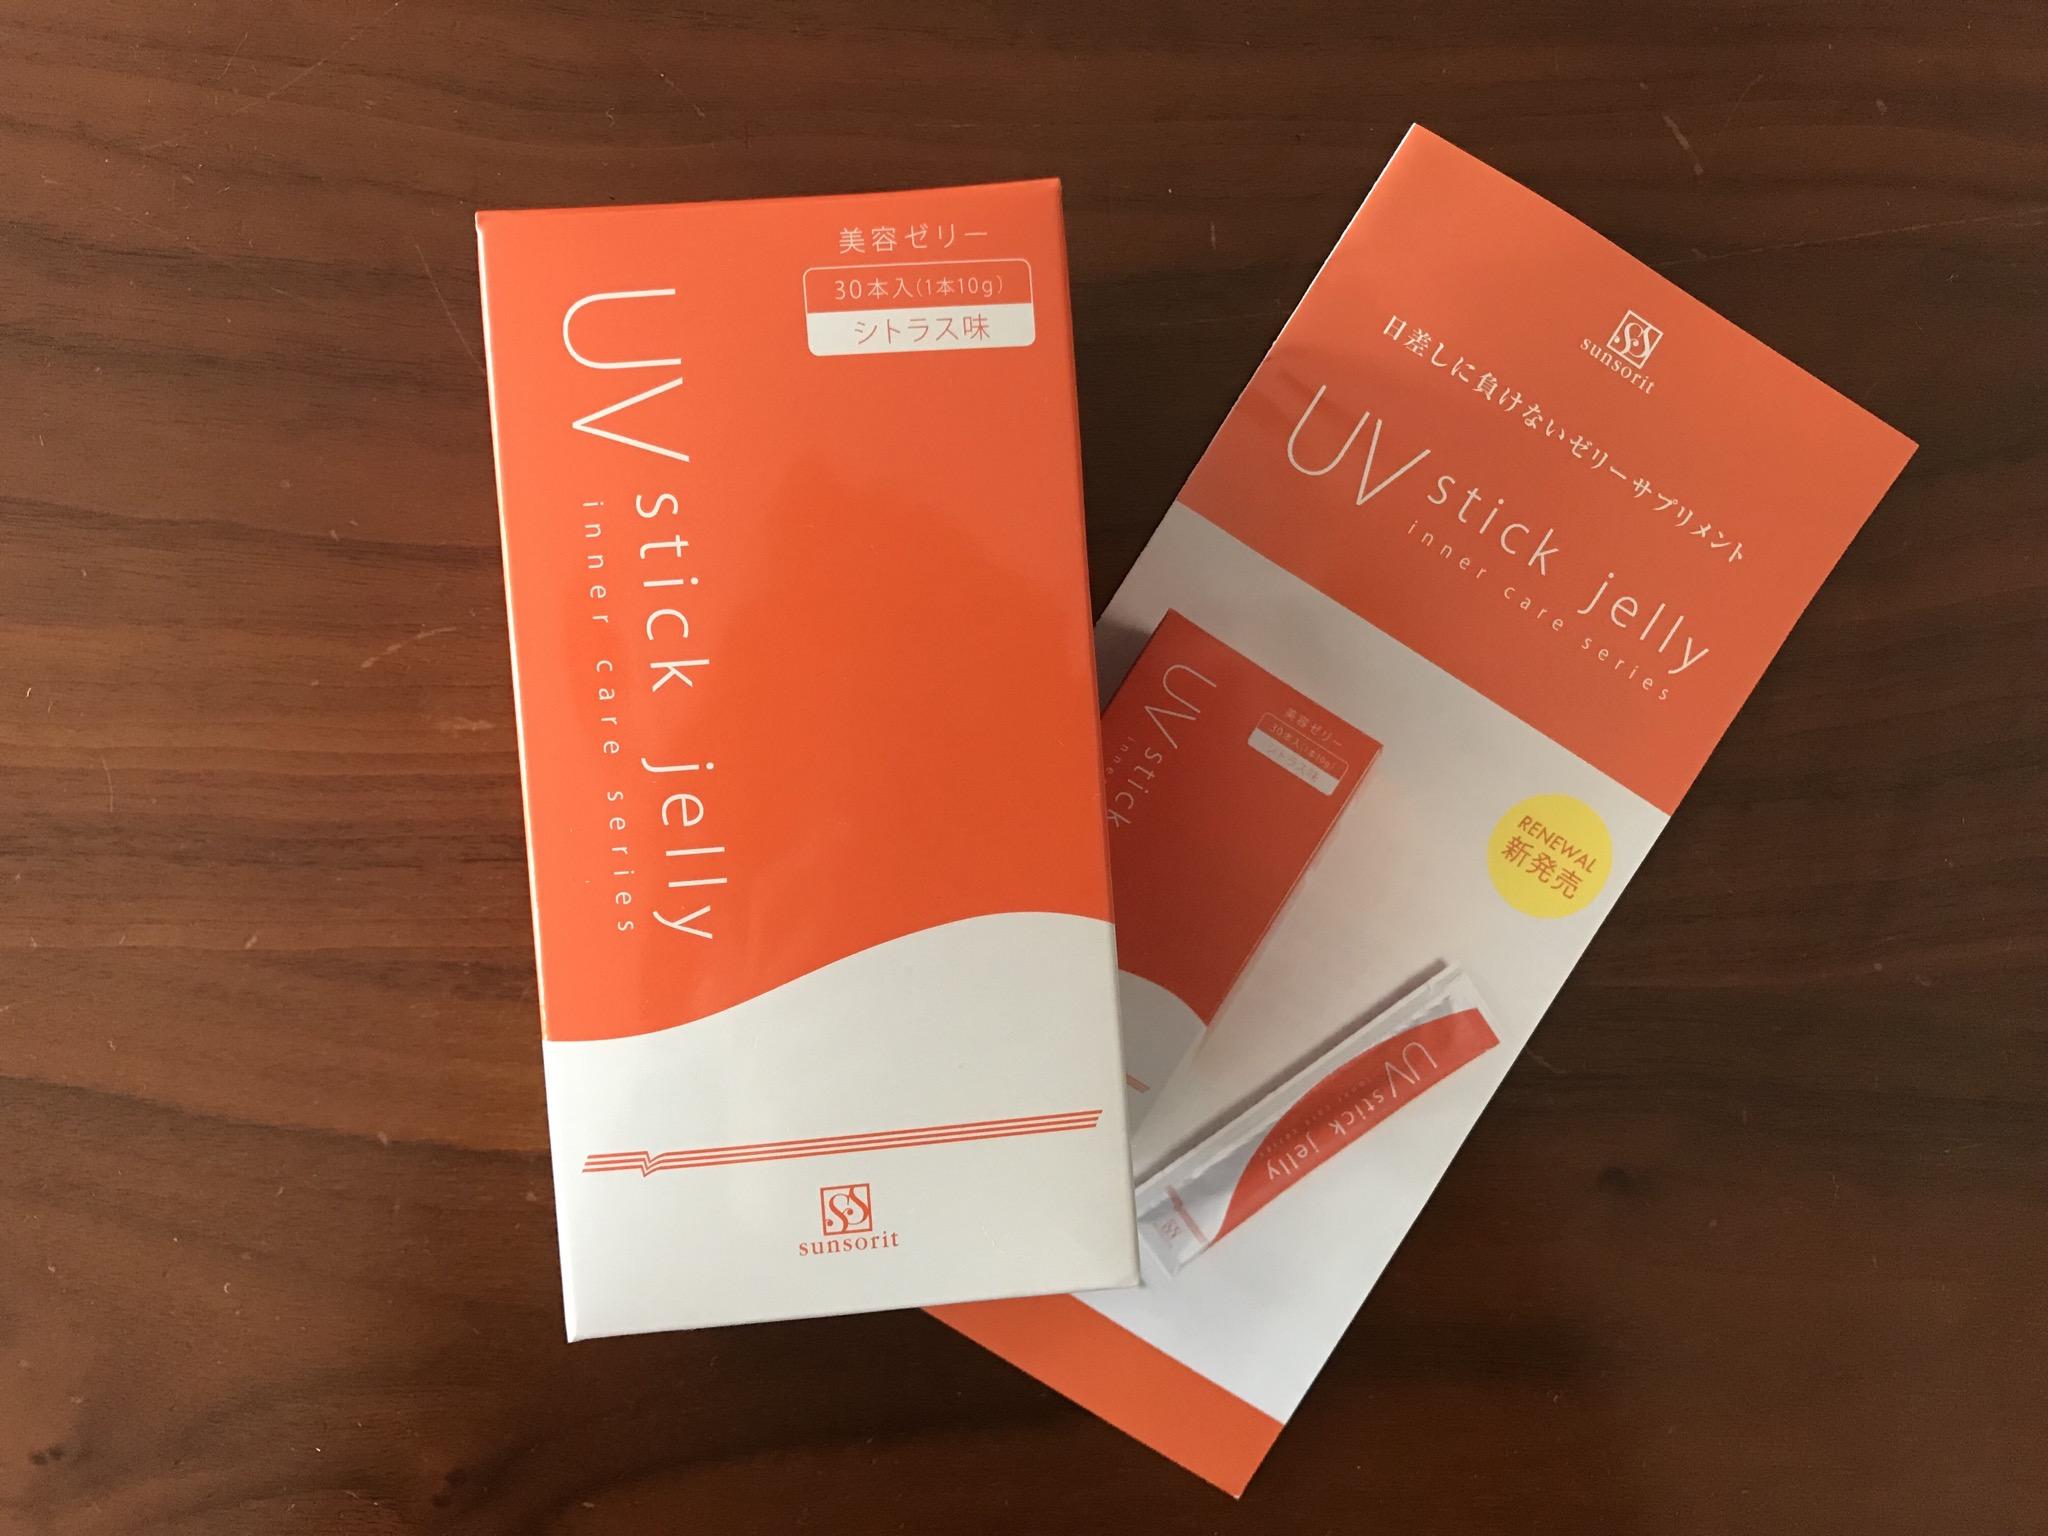 信頼性バツグン!UVスティックゼリーの口コミ評価が格段に高い理由